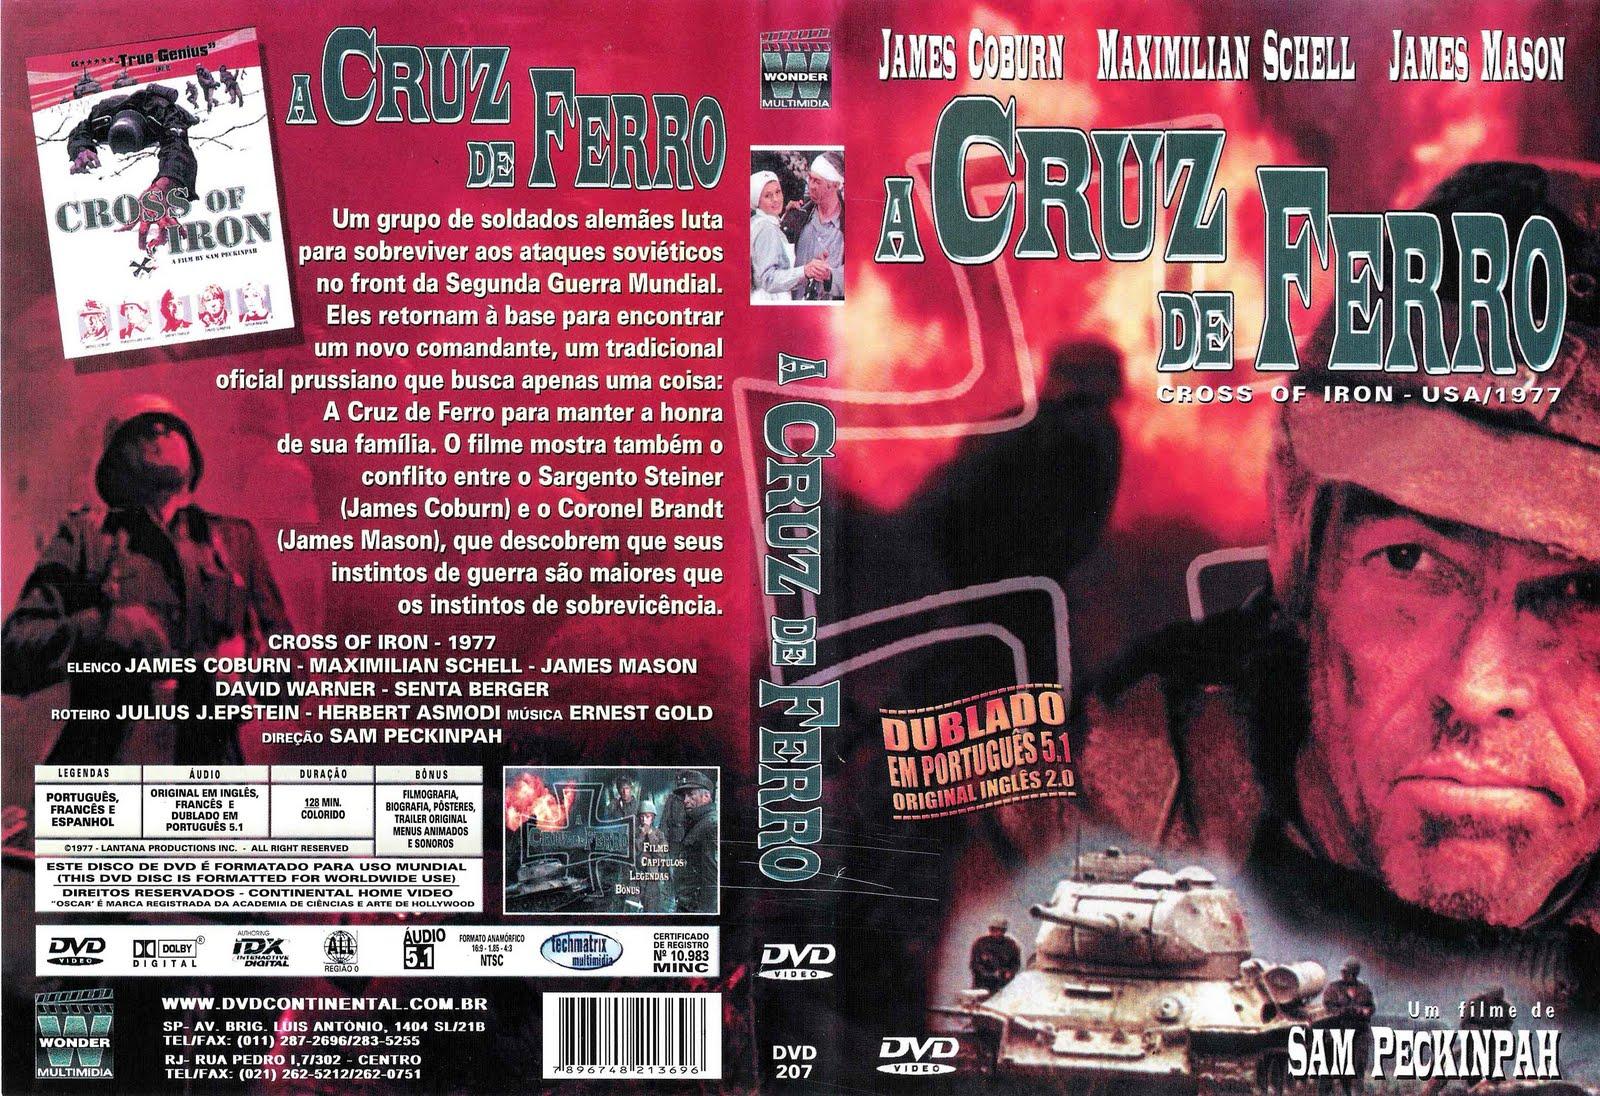 http://3.bp.blogspot.com/-o8paafCRhNE/TXL03QE5eSI/AAAAAAAAACI/5w4AHWMZGWw/s1600/A-Cruz-De-Ferro.jpg